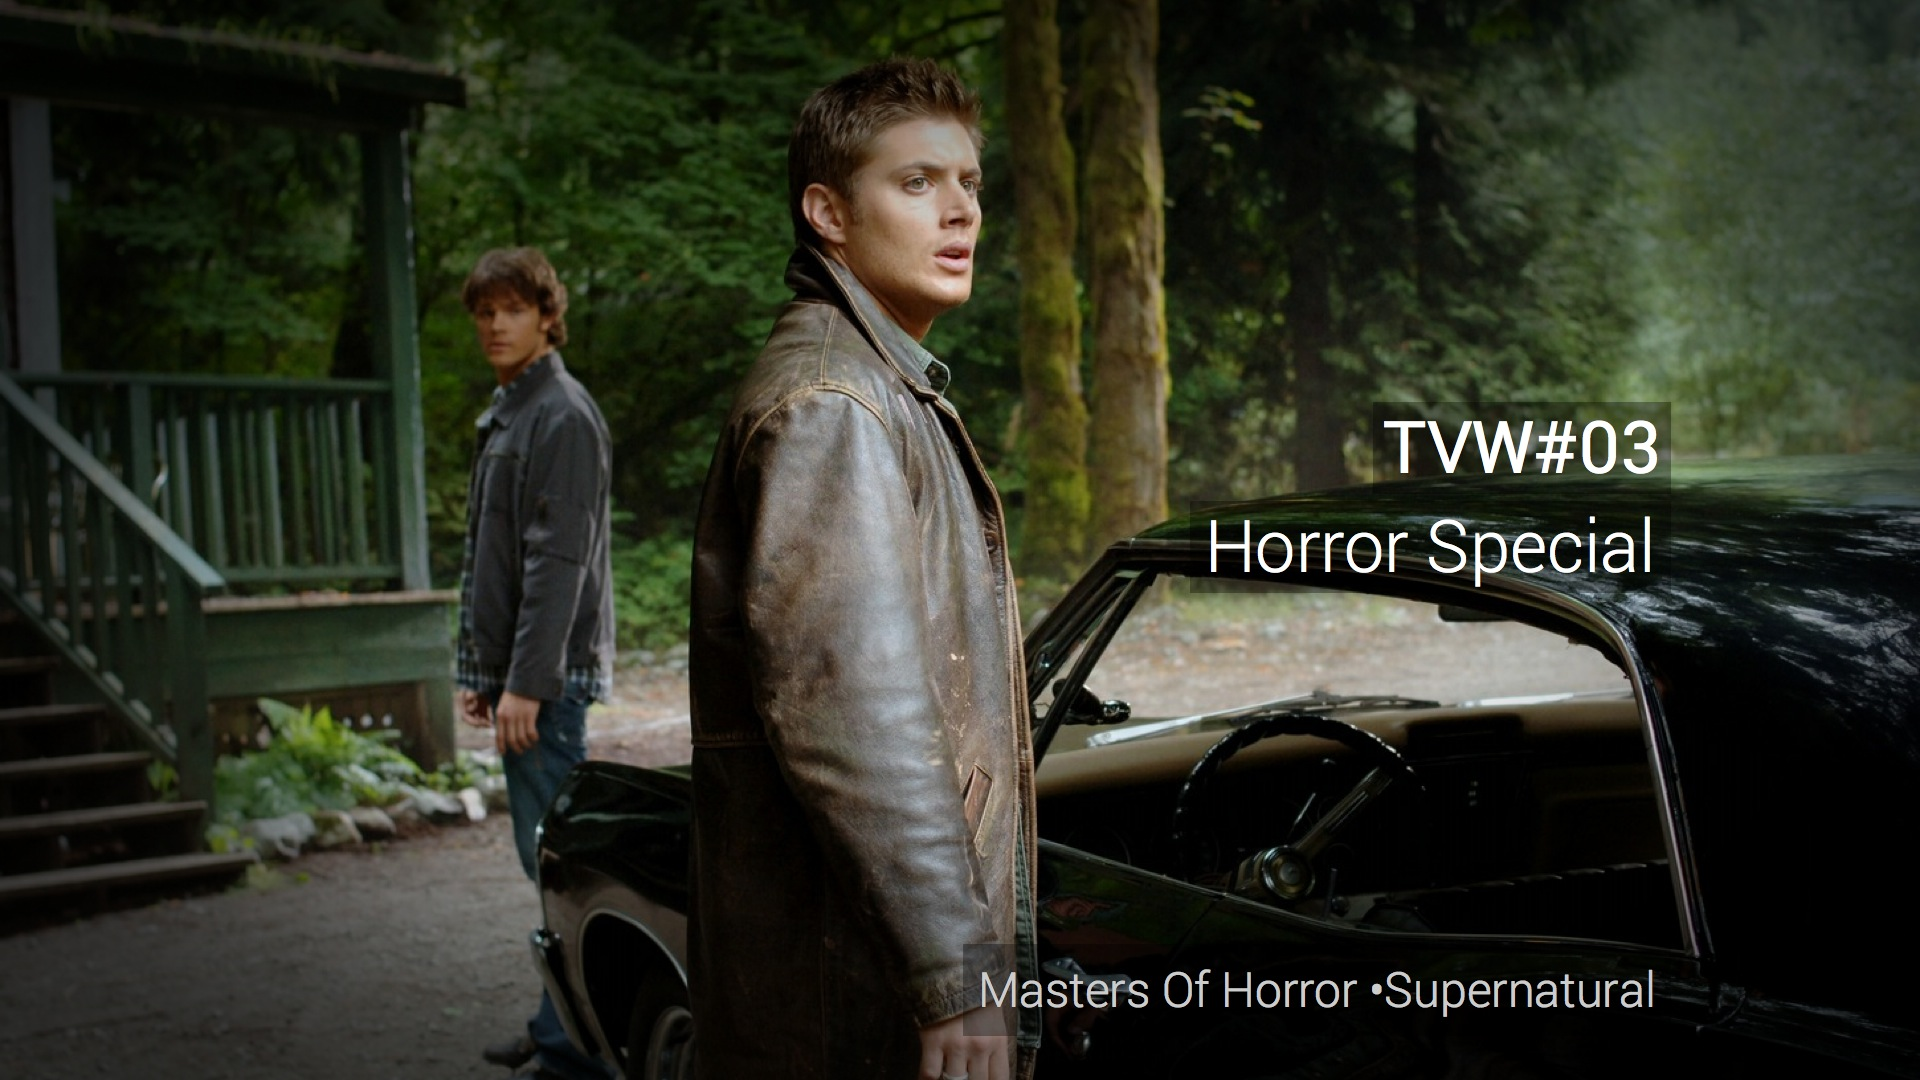 FB-TVW#03.jpg